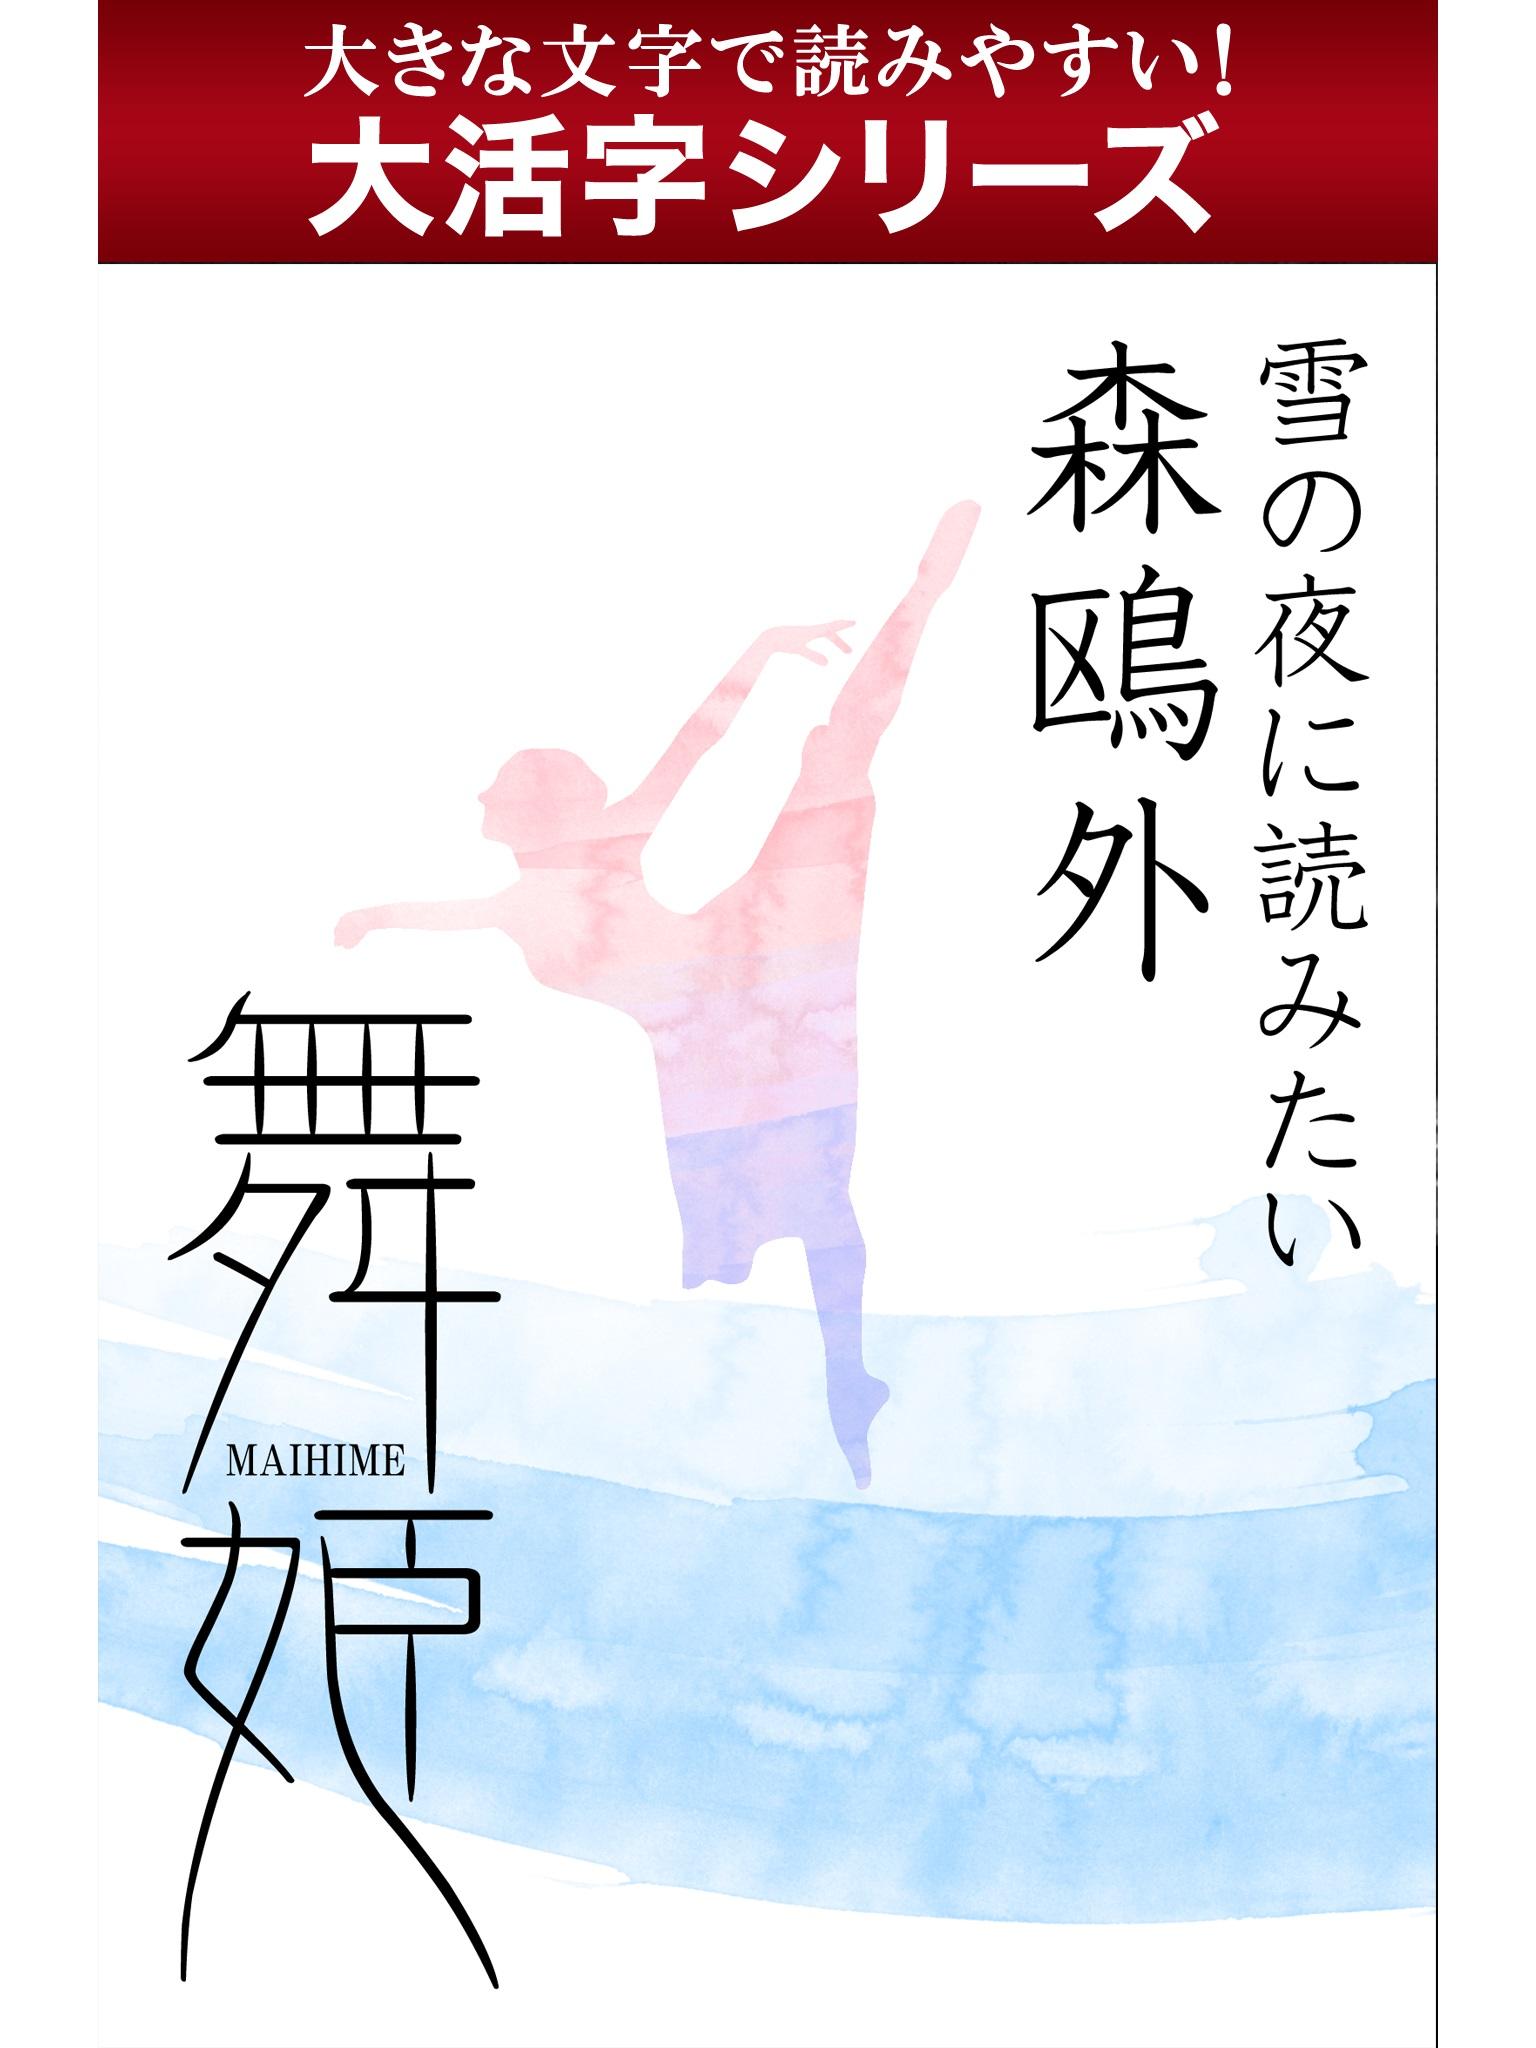 【android/kindle端末対応 大活字シリーズ】雪の夜に読みたい 森鴎外 舞姫